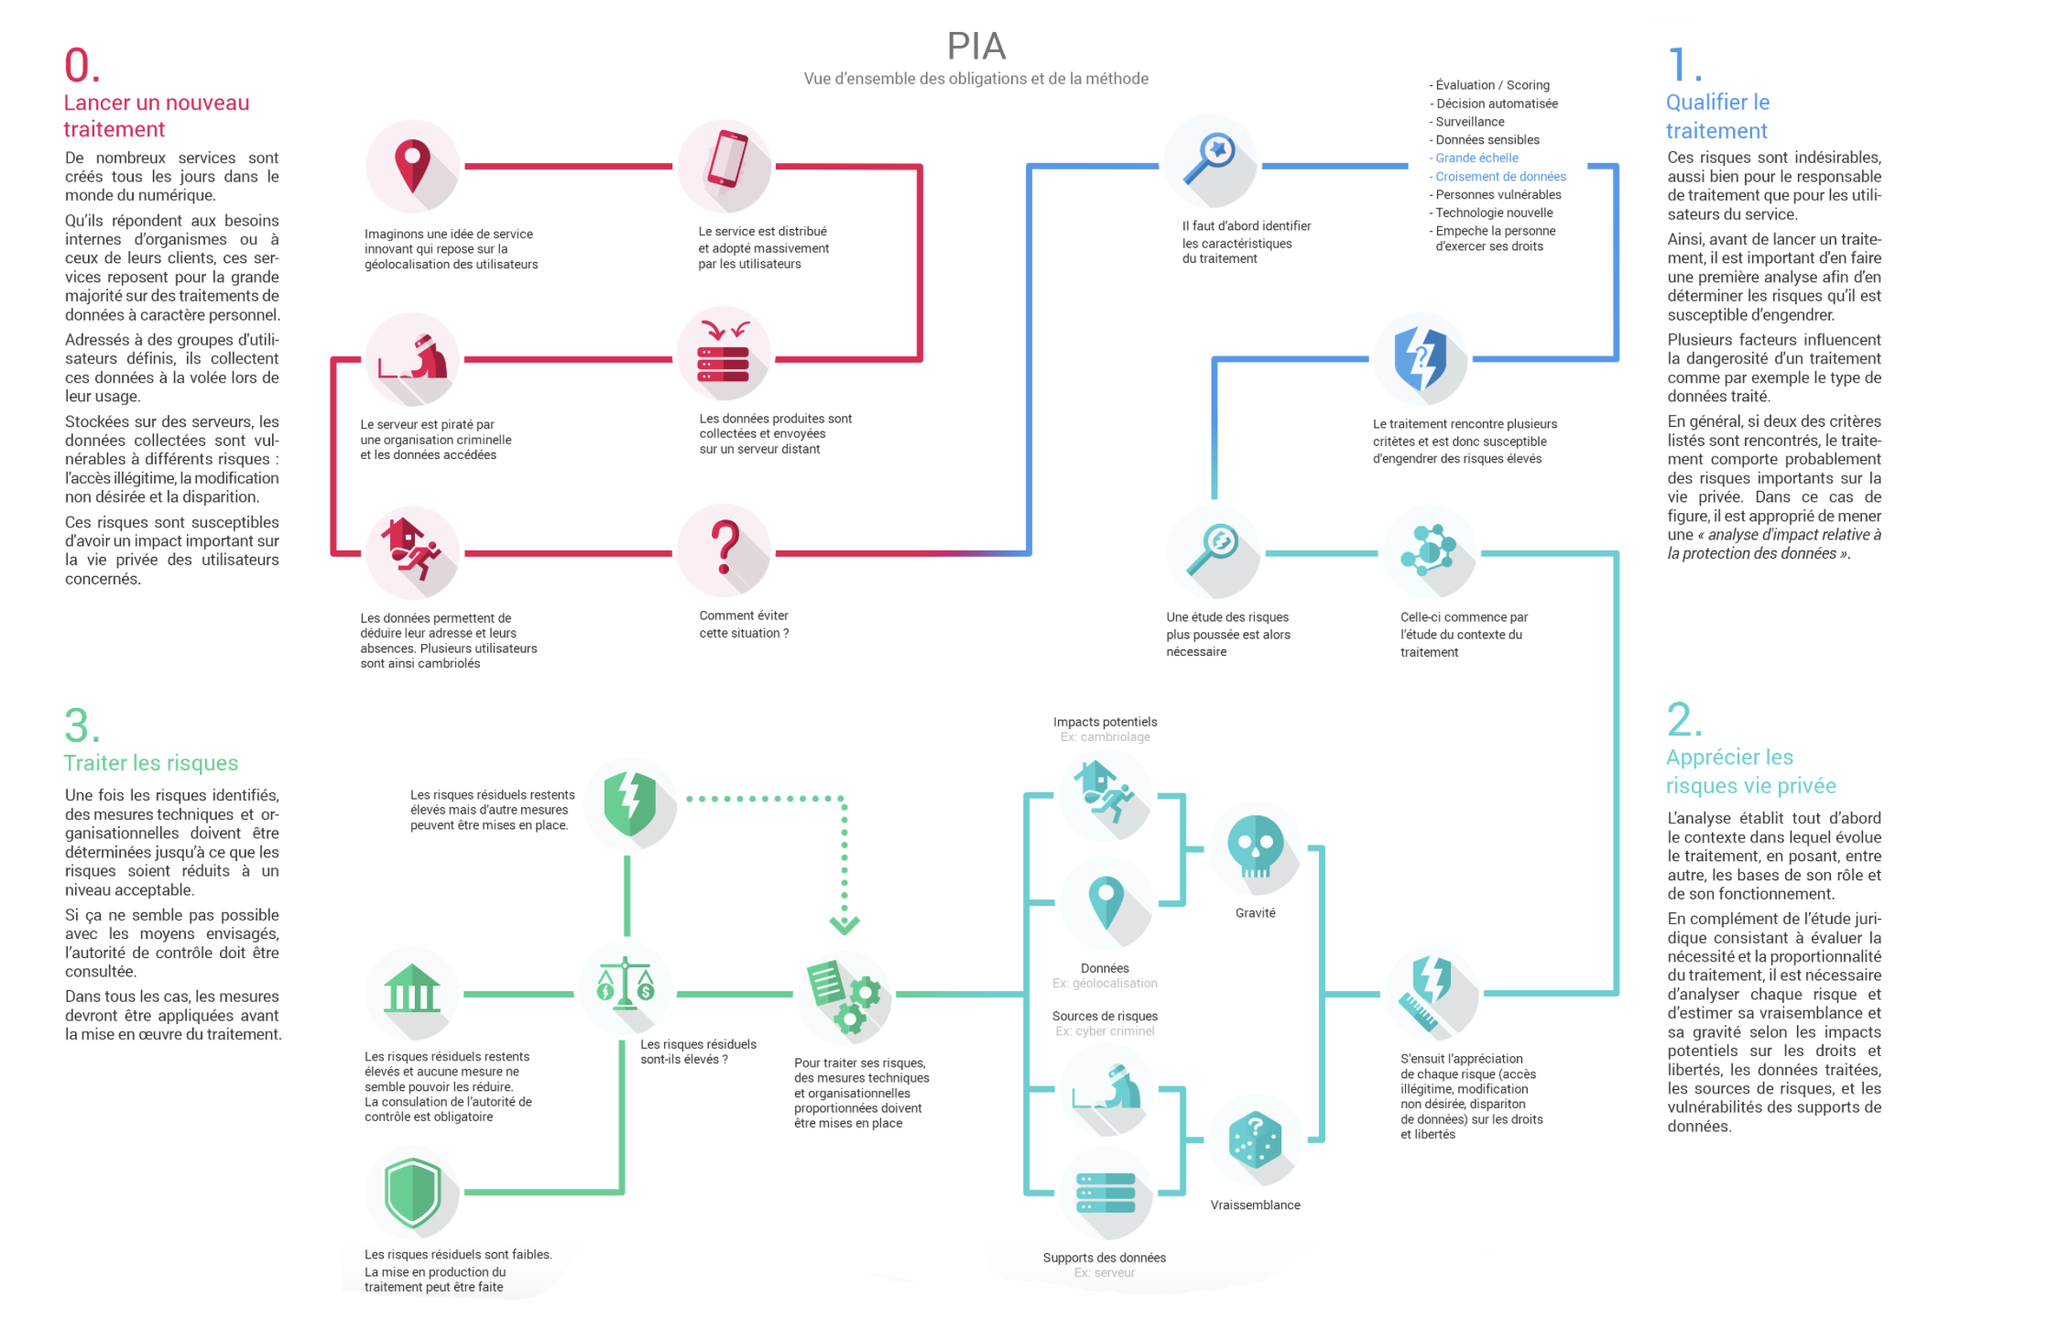 Vue d'ensemble des obligations de la méthode PIA (source CNIl)